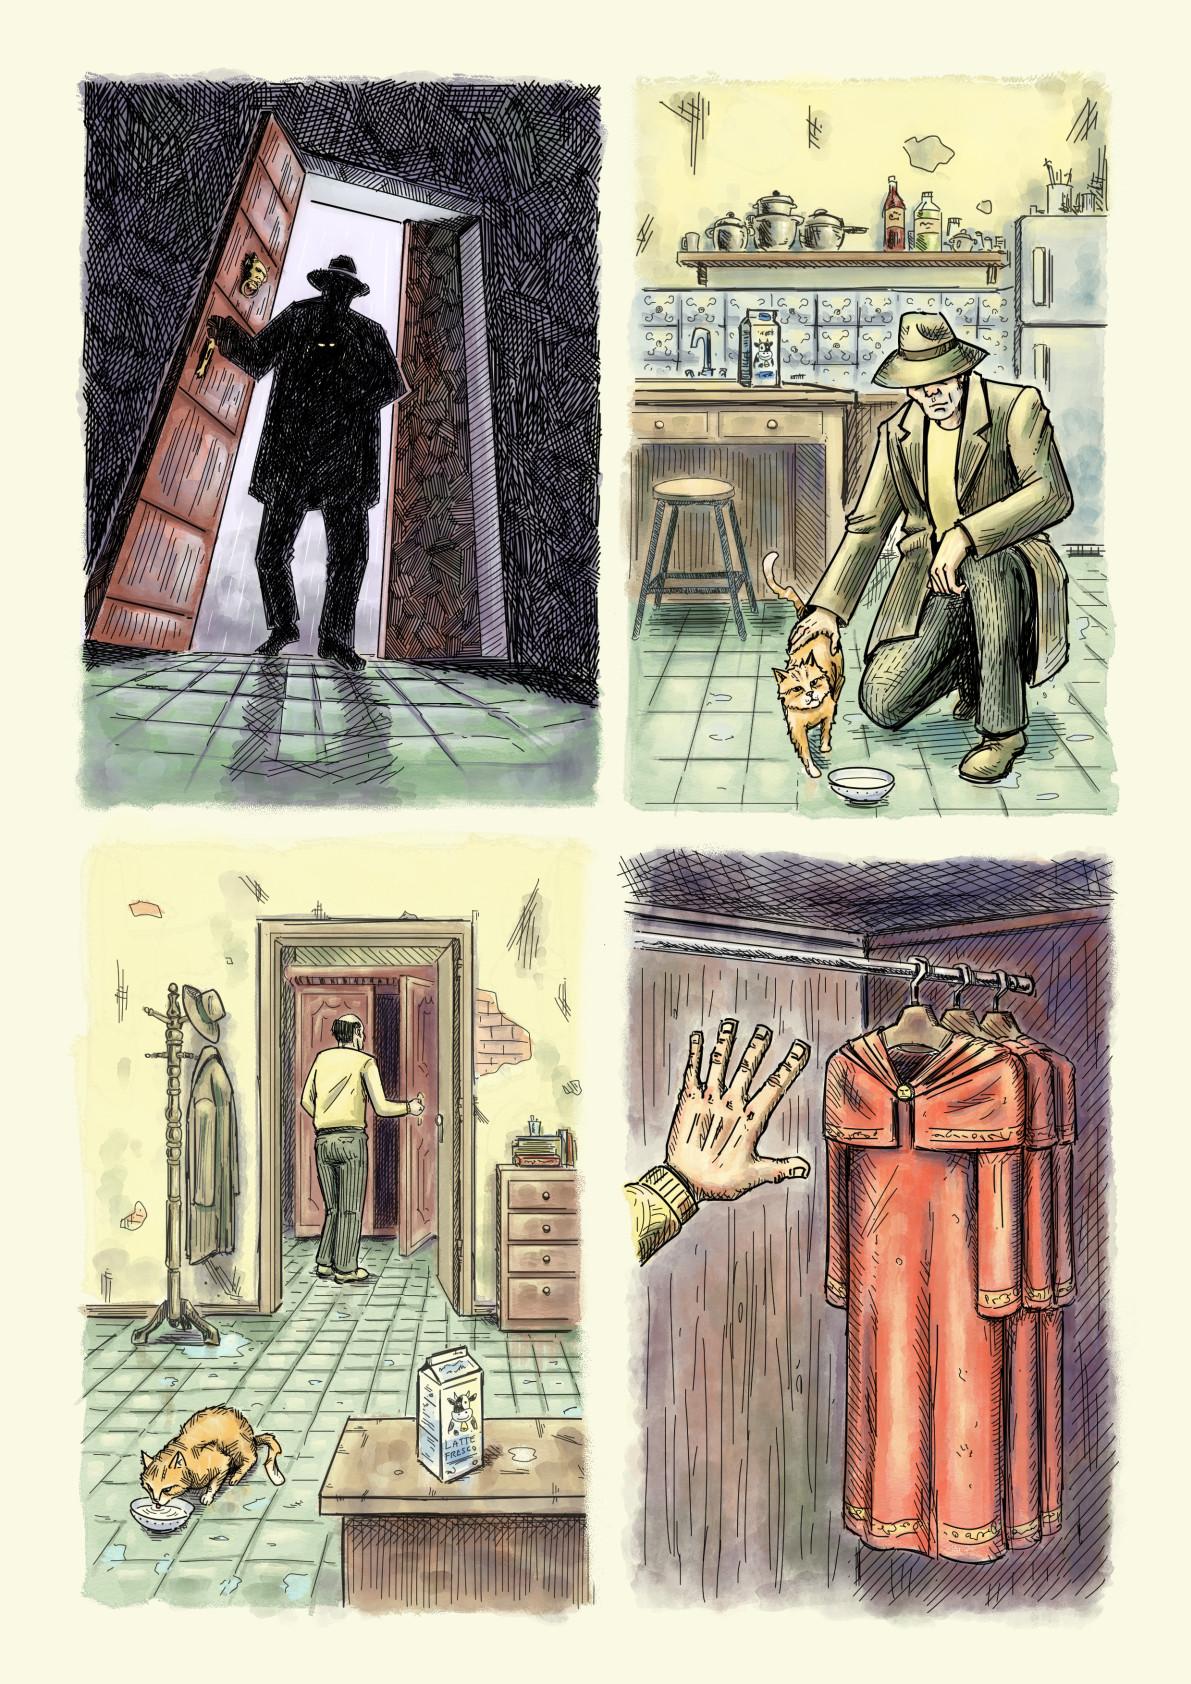 John ciarfuglia page 4 art